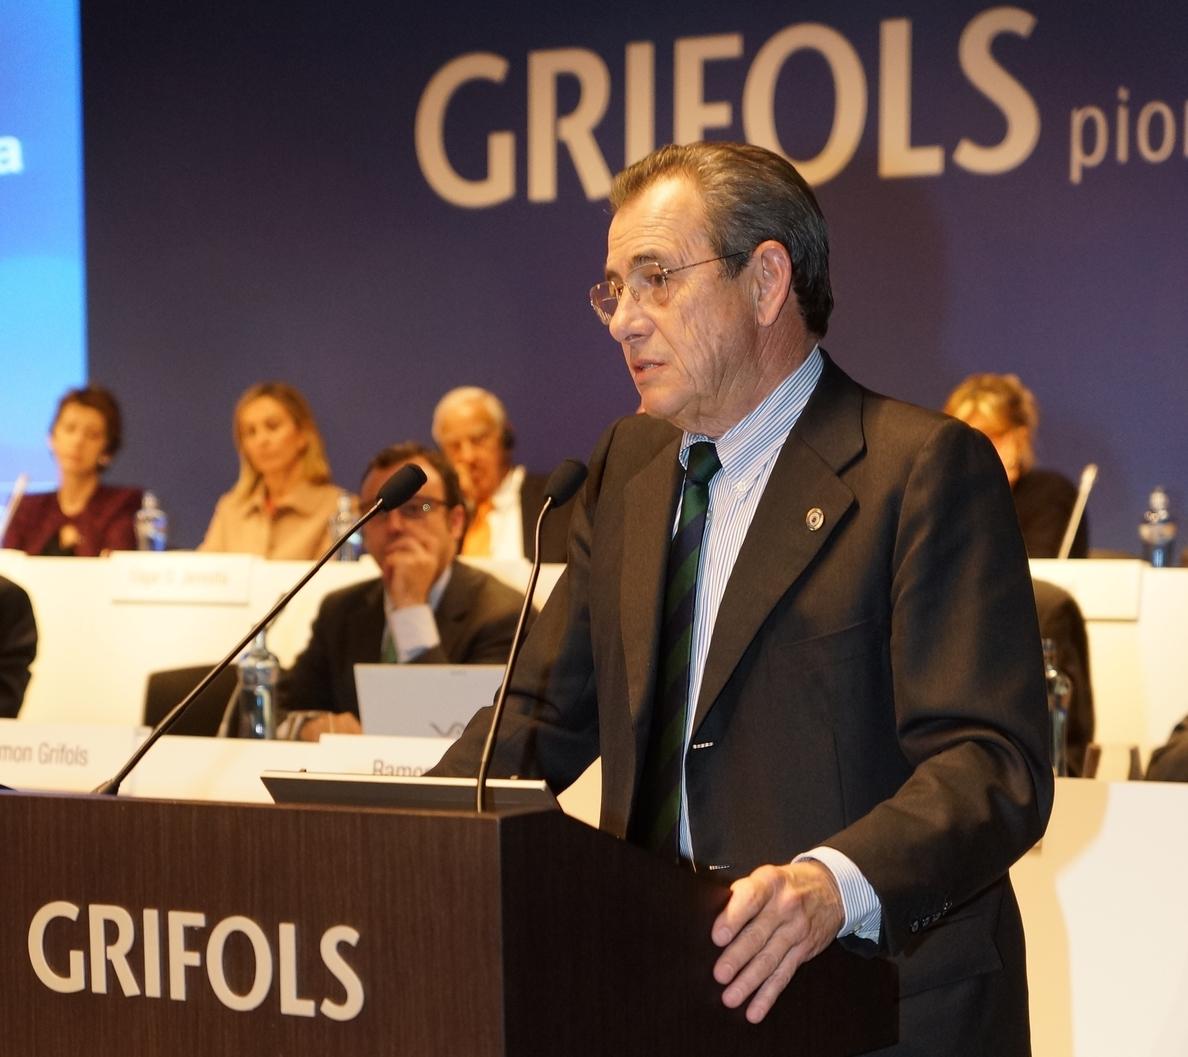 El beneficio neto de Grifols aumentó un 26,9% hasta septiembre, con 339 millones